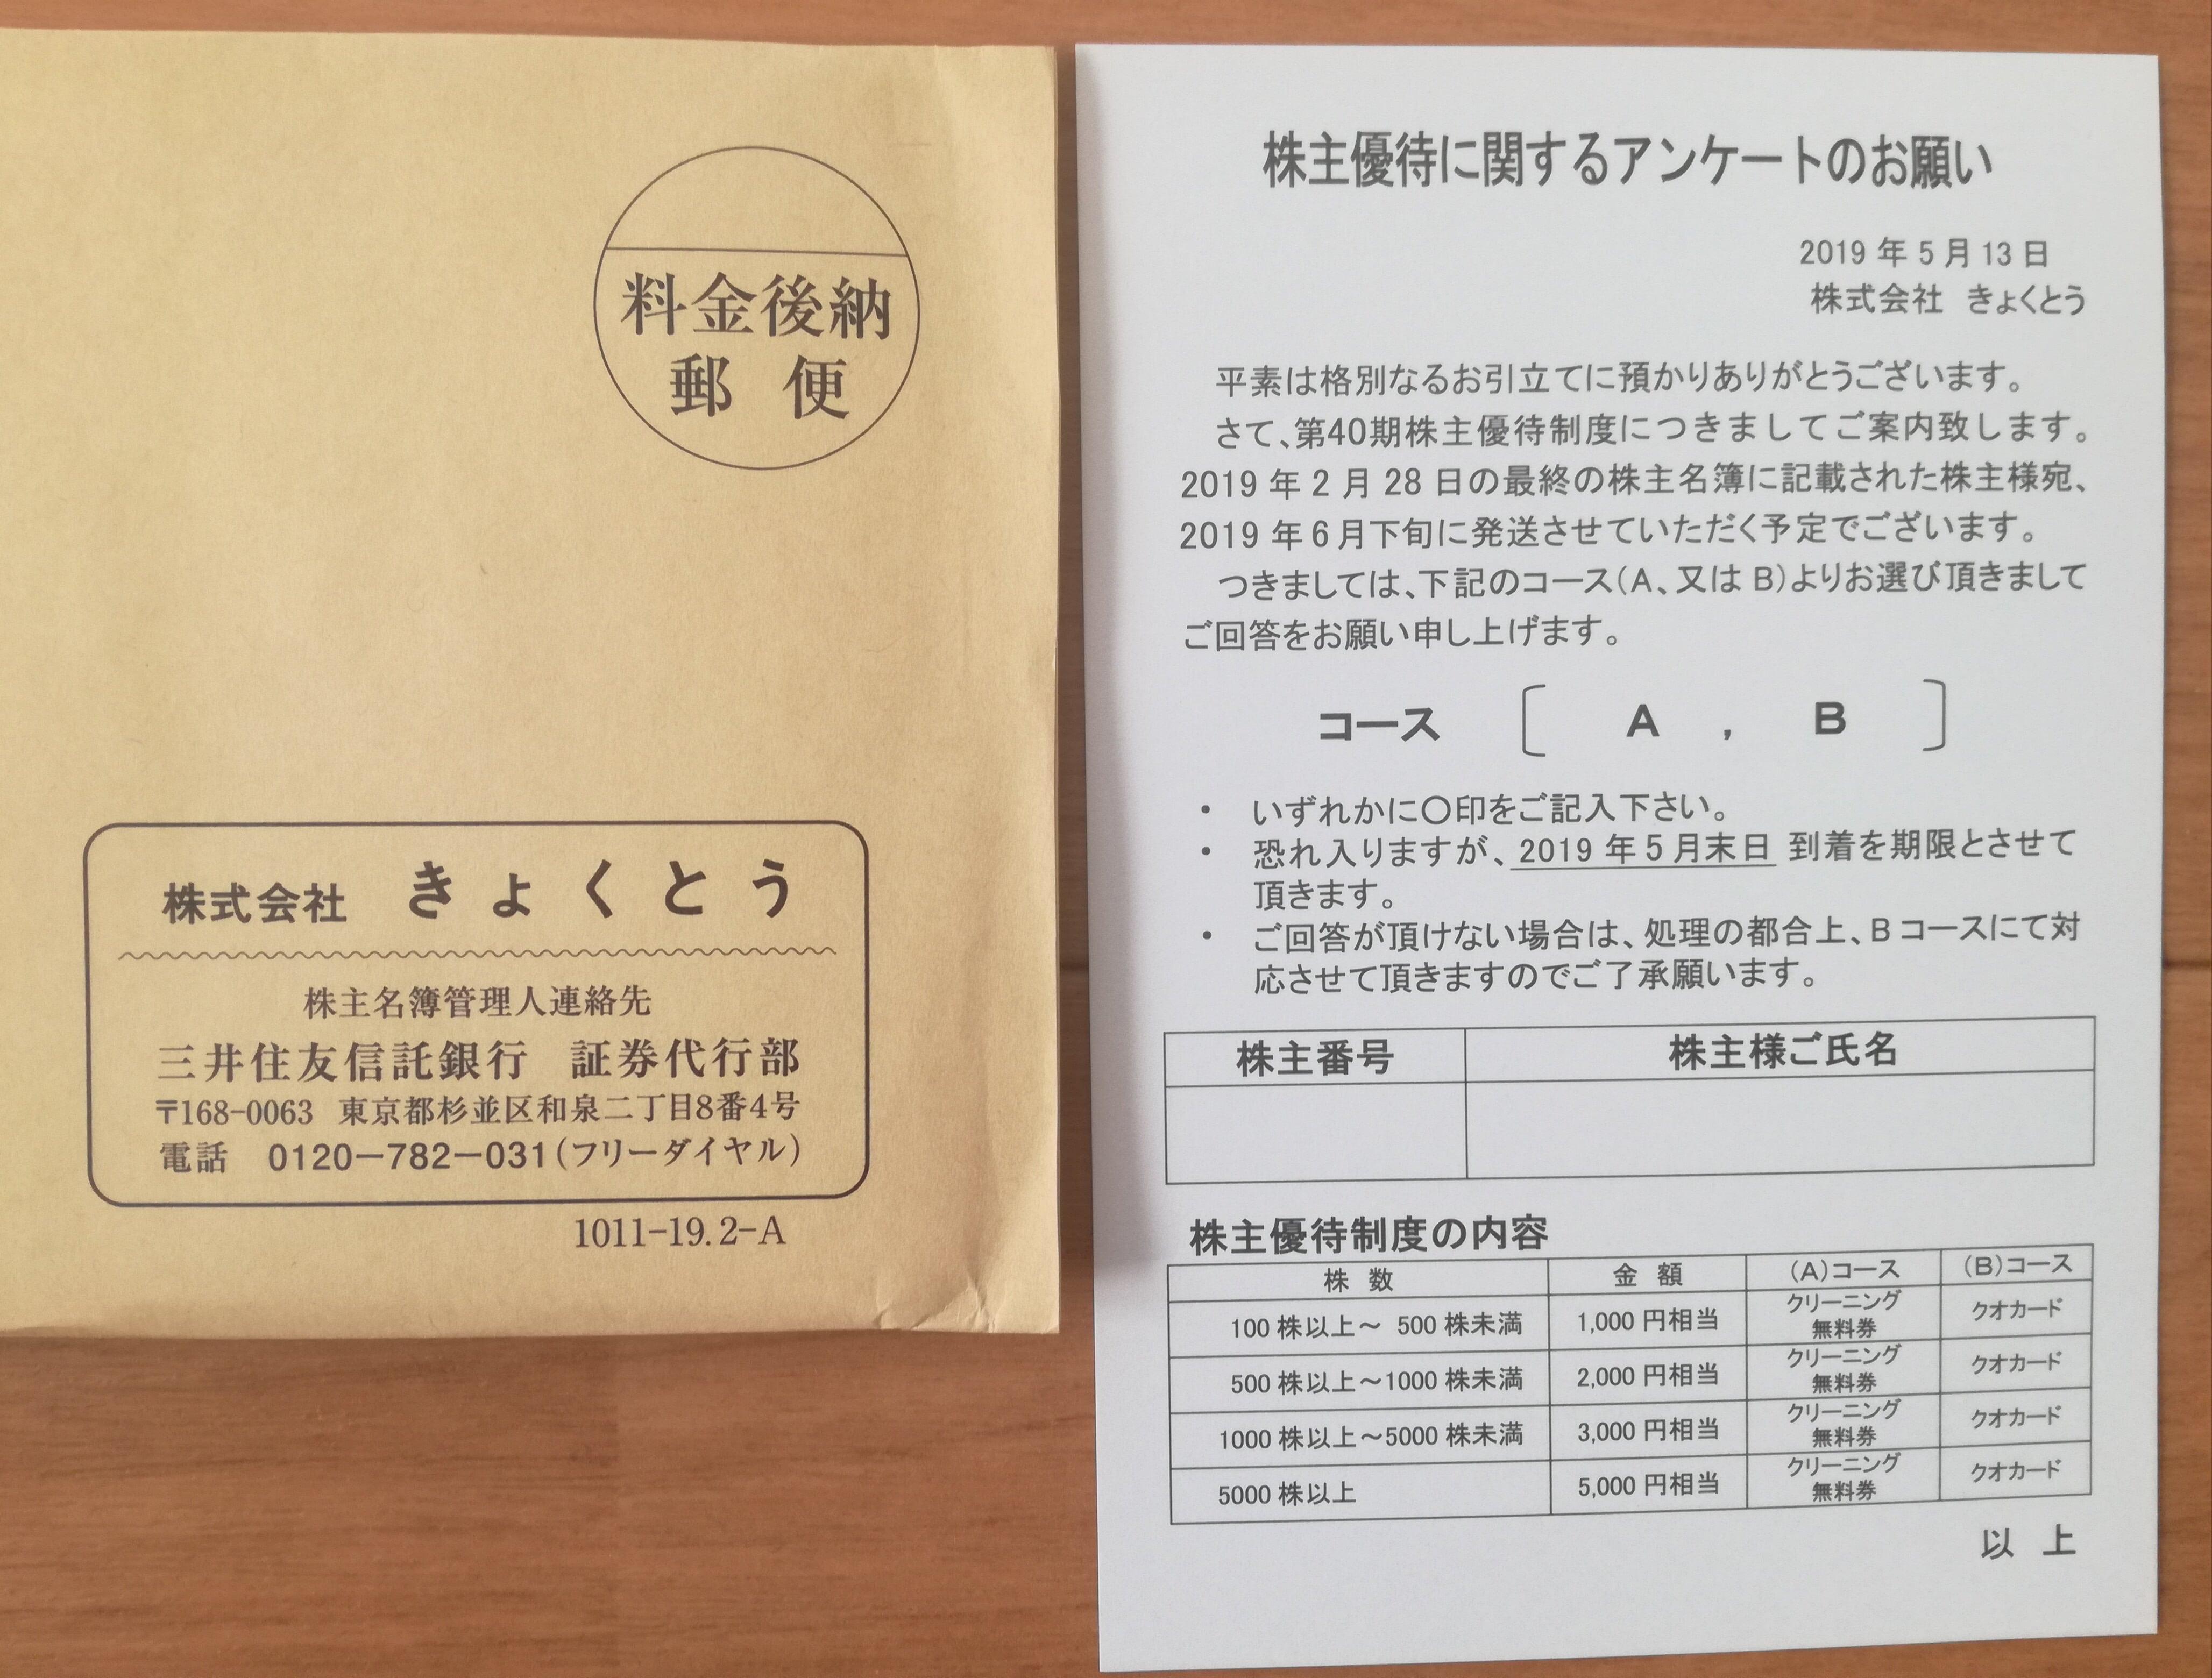 きょくとう(2300)の株主優待ハガキが到着!1000円のクオカードを選びます!